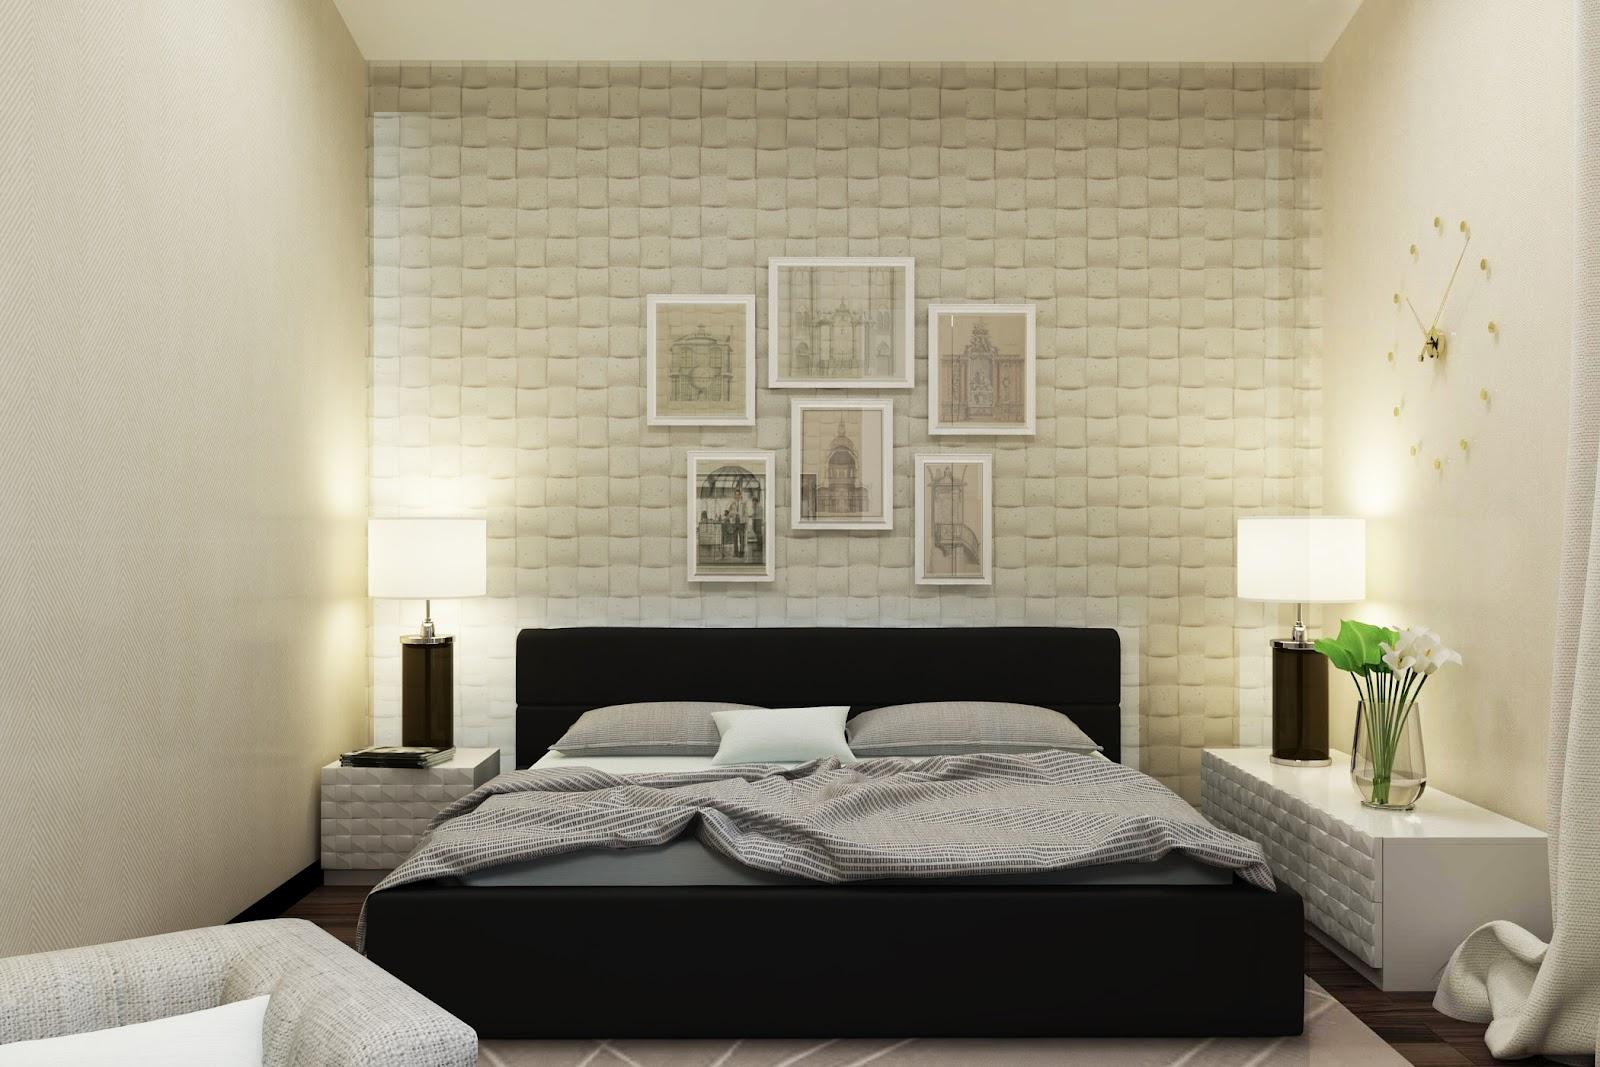 Дизайн стены над кроватью в спальне